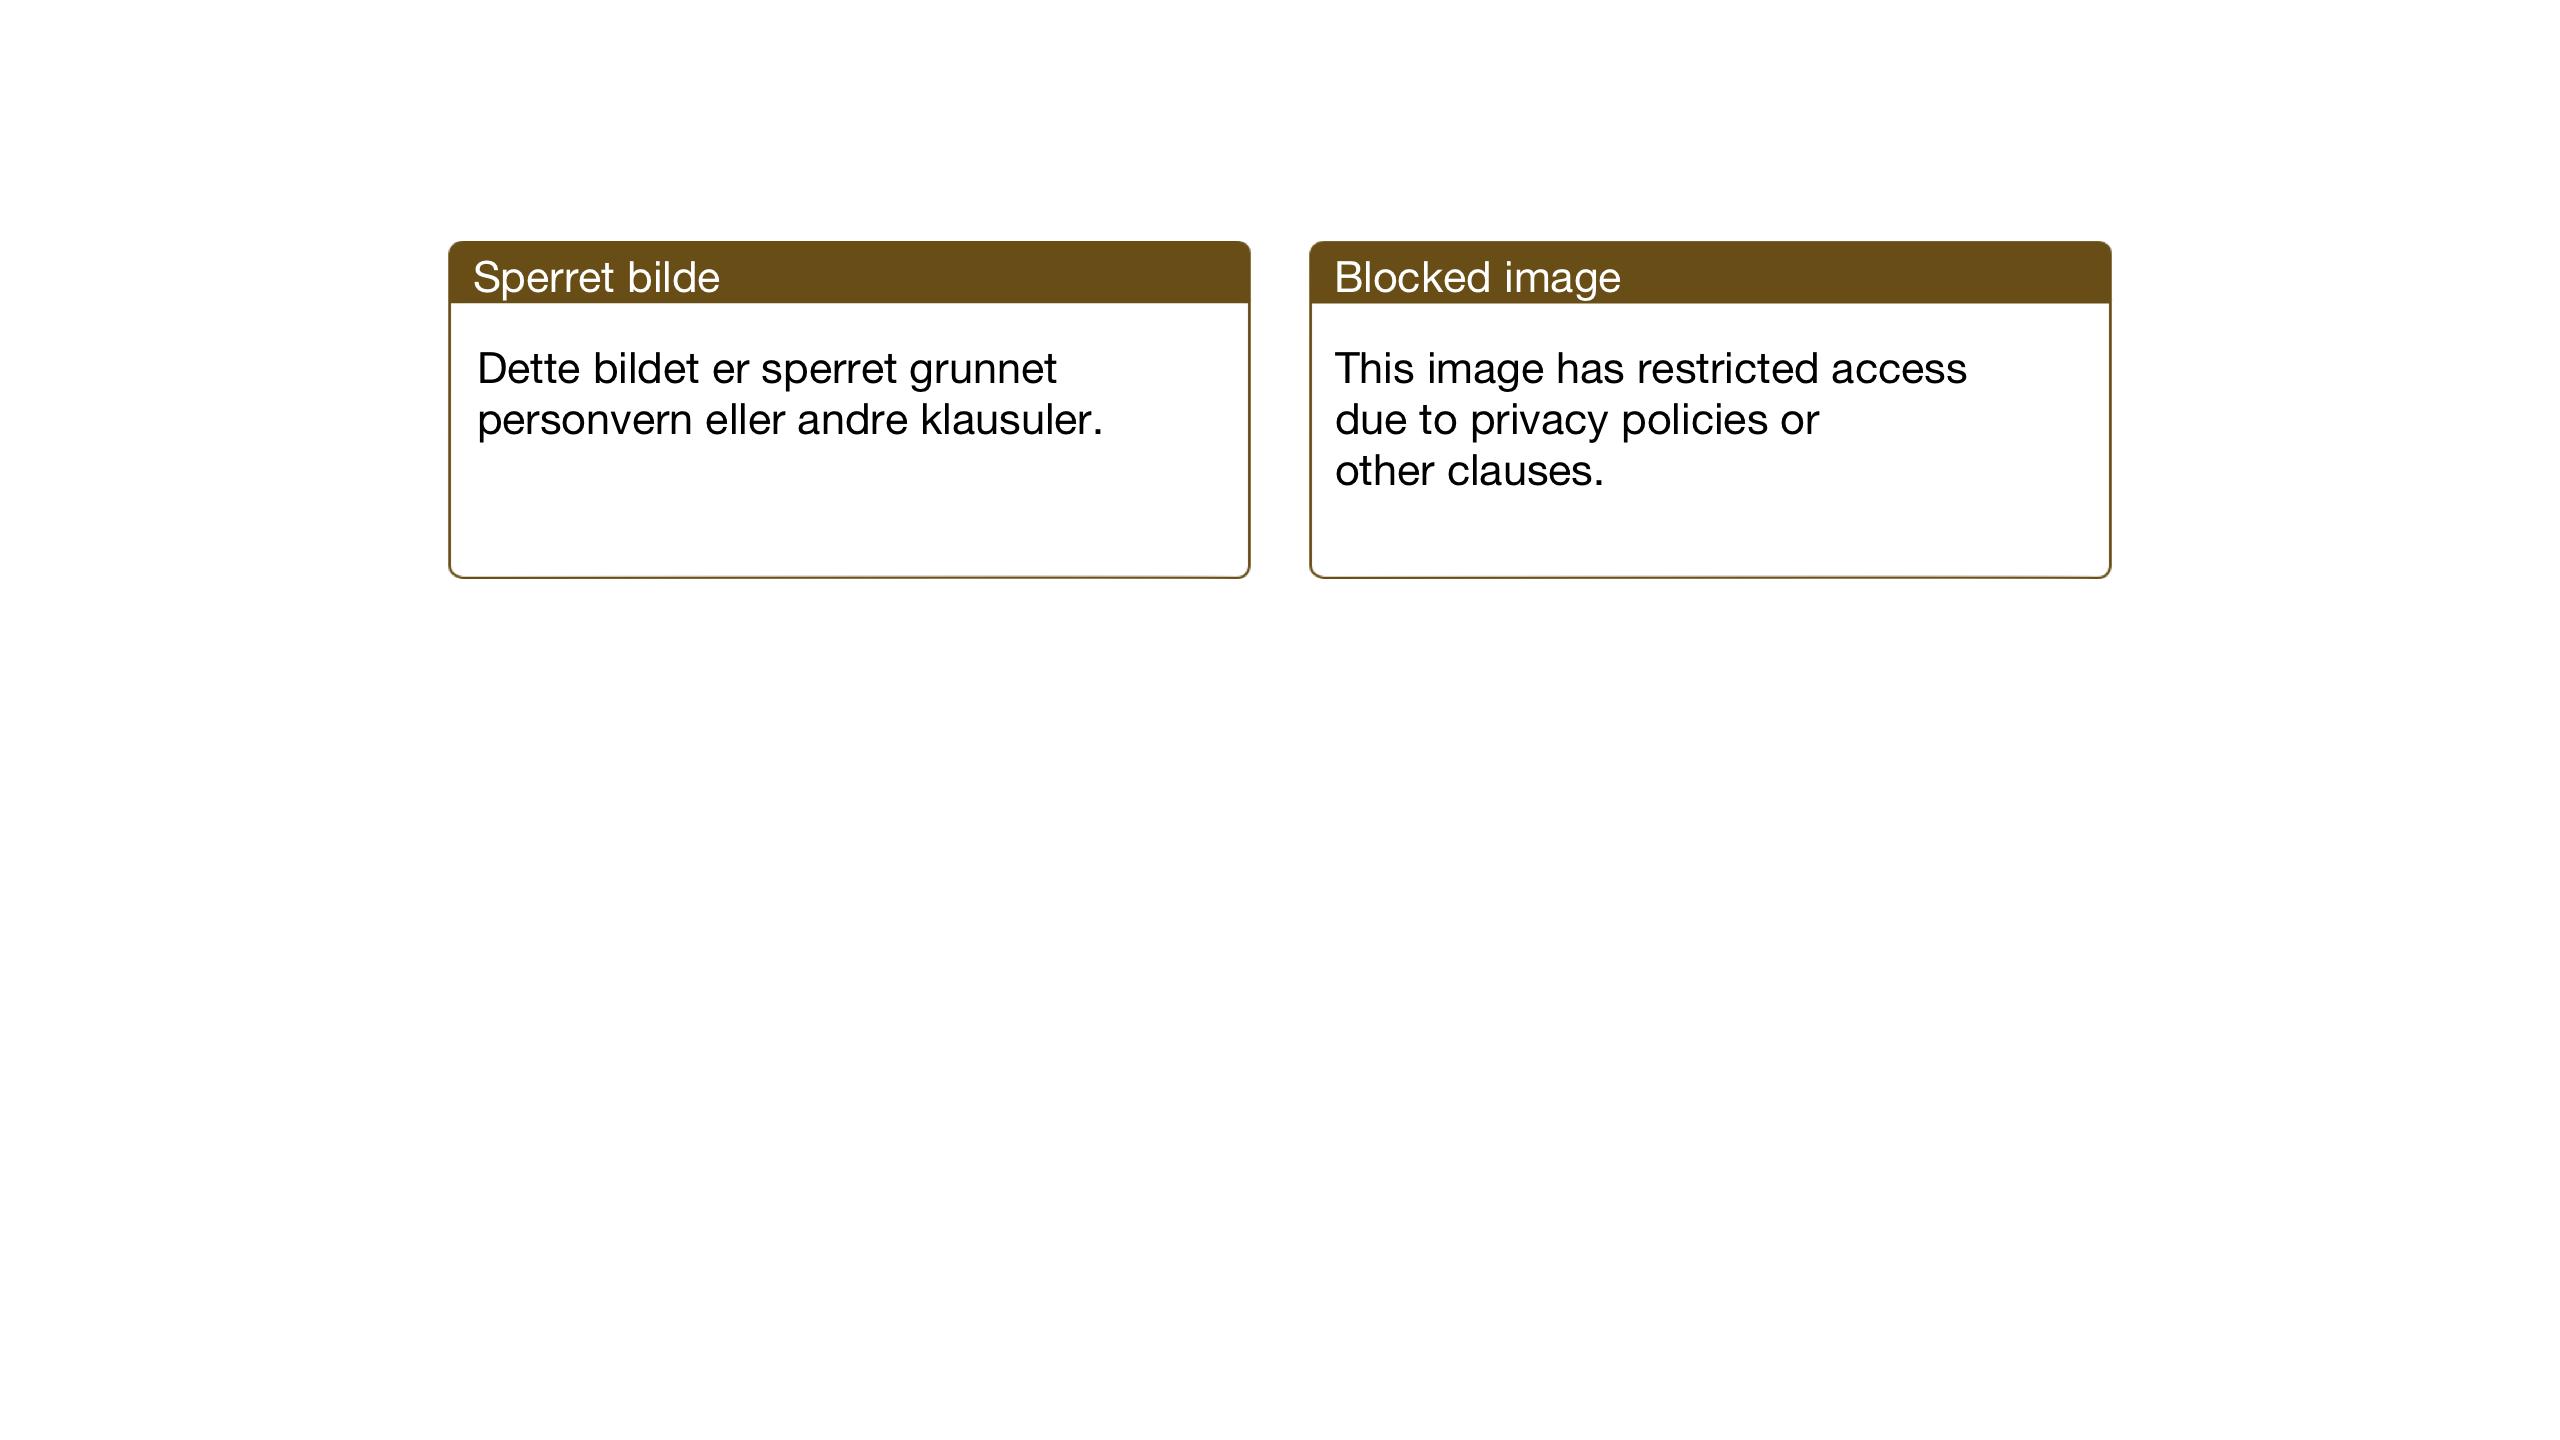 SAT, Ministerialprotokoller, klokkerbøker og fødselsregistre - Sør-Trøndelag, 681/L0944: Klokkerbok nr. 681C08, 1926-1954, s. 120